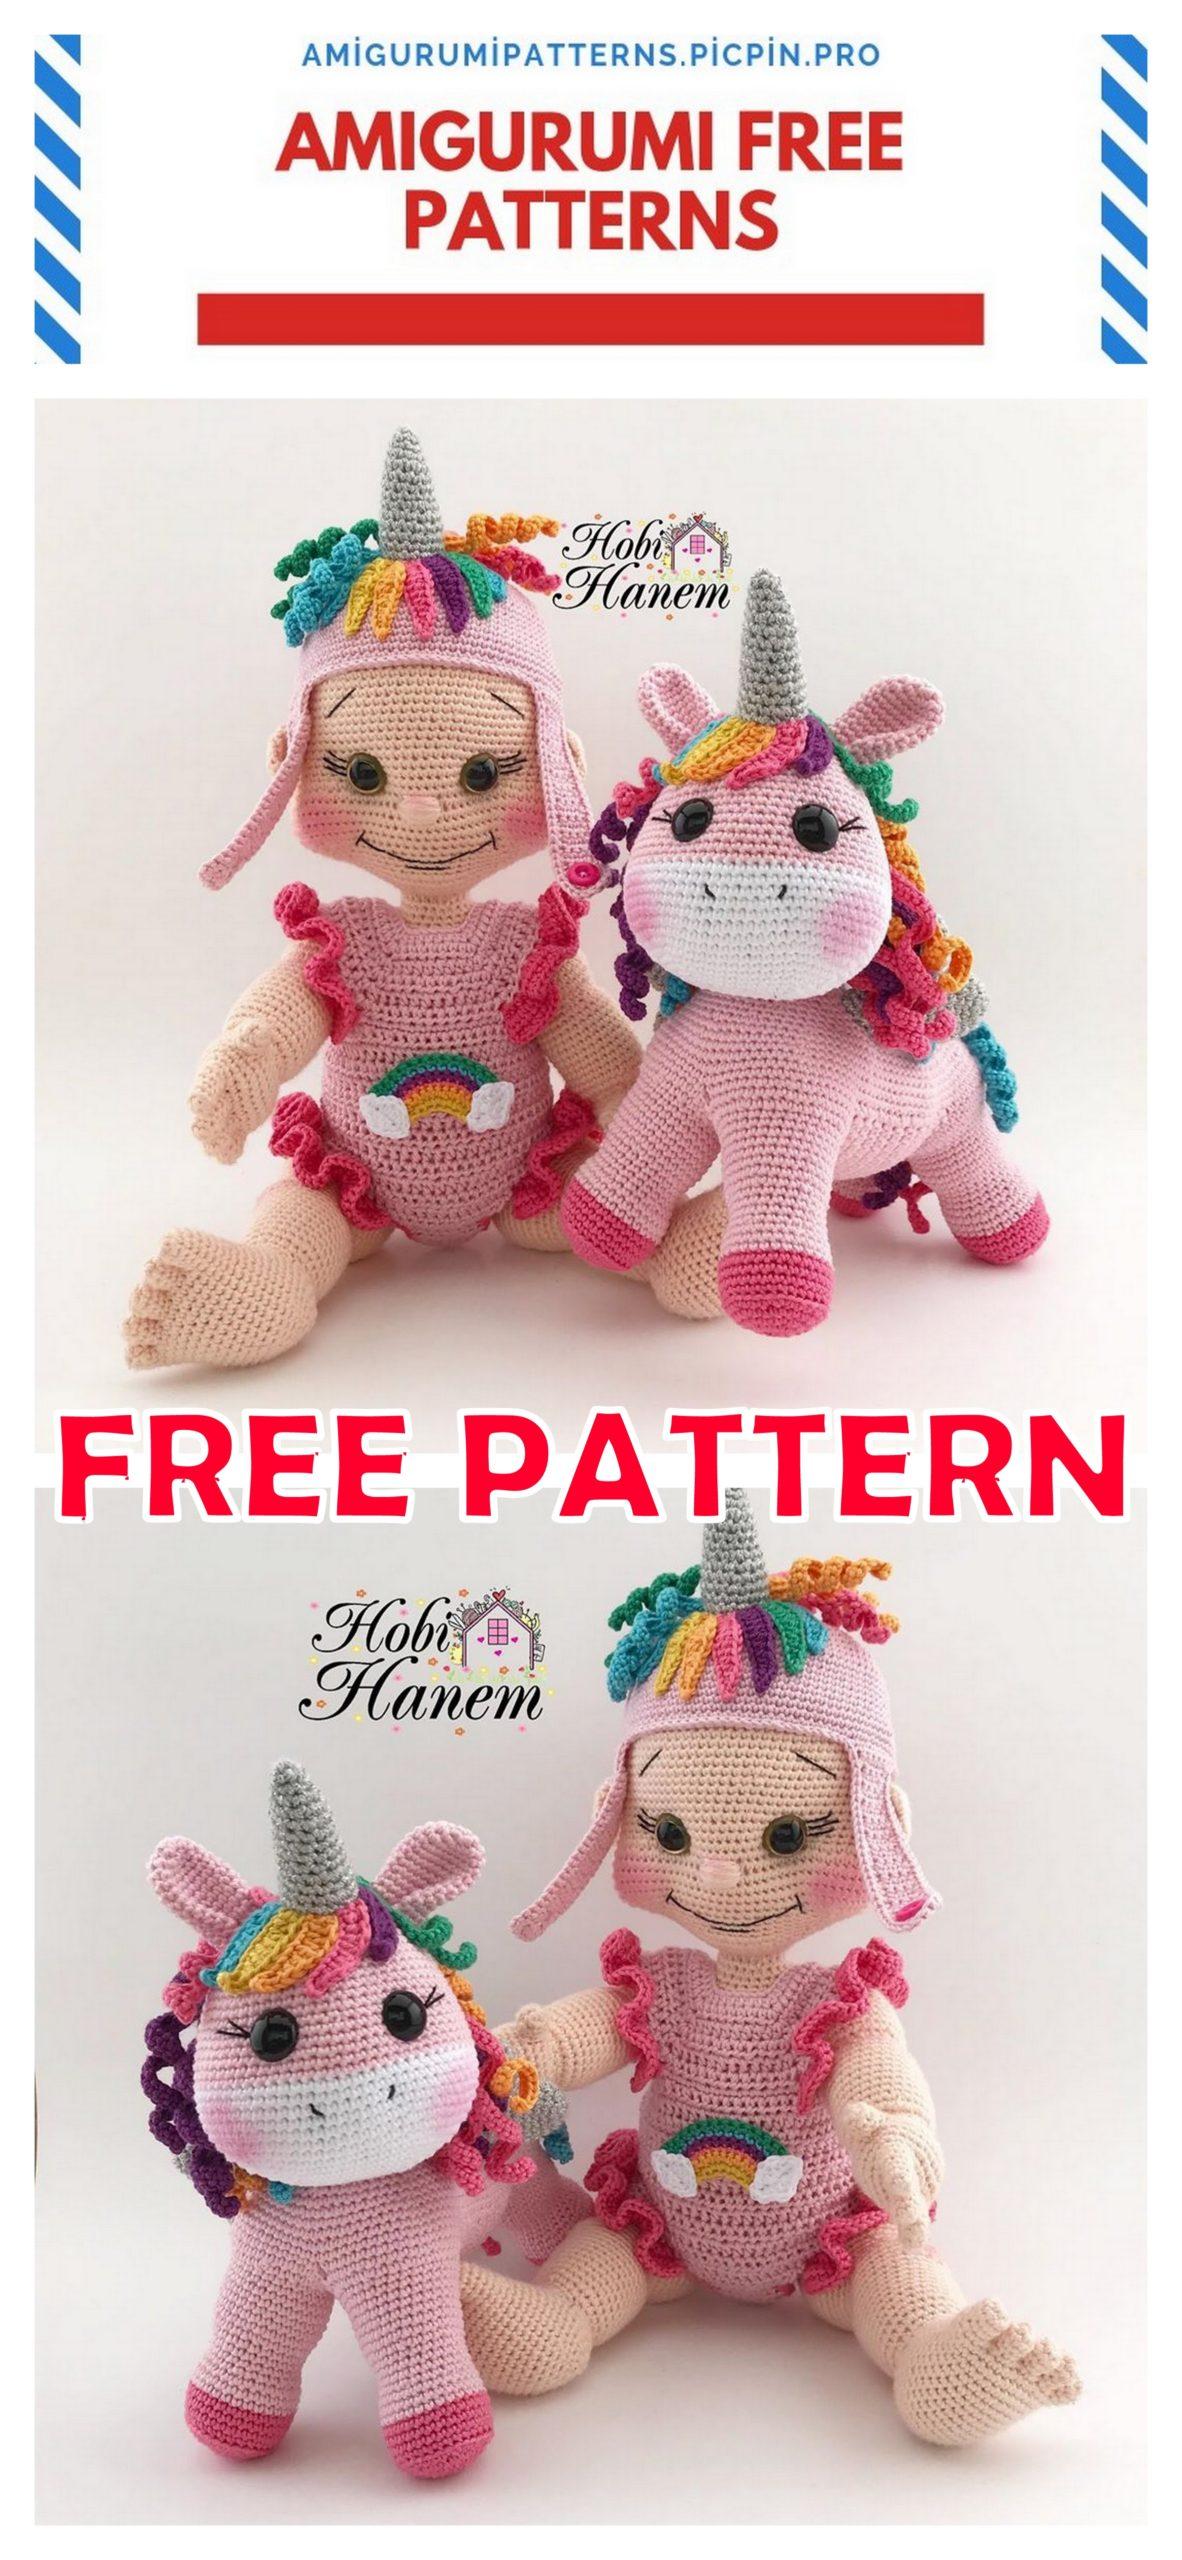 Crochet doll PATTERN, AMIGURUMI pattern, amigurumi doll pdf ... | 2560x1182